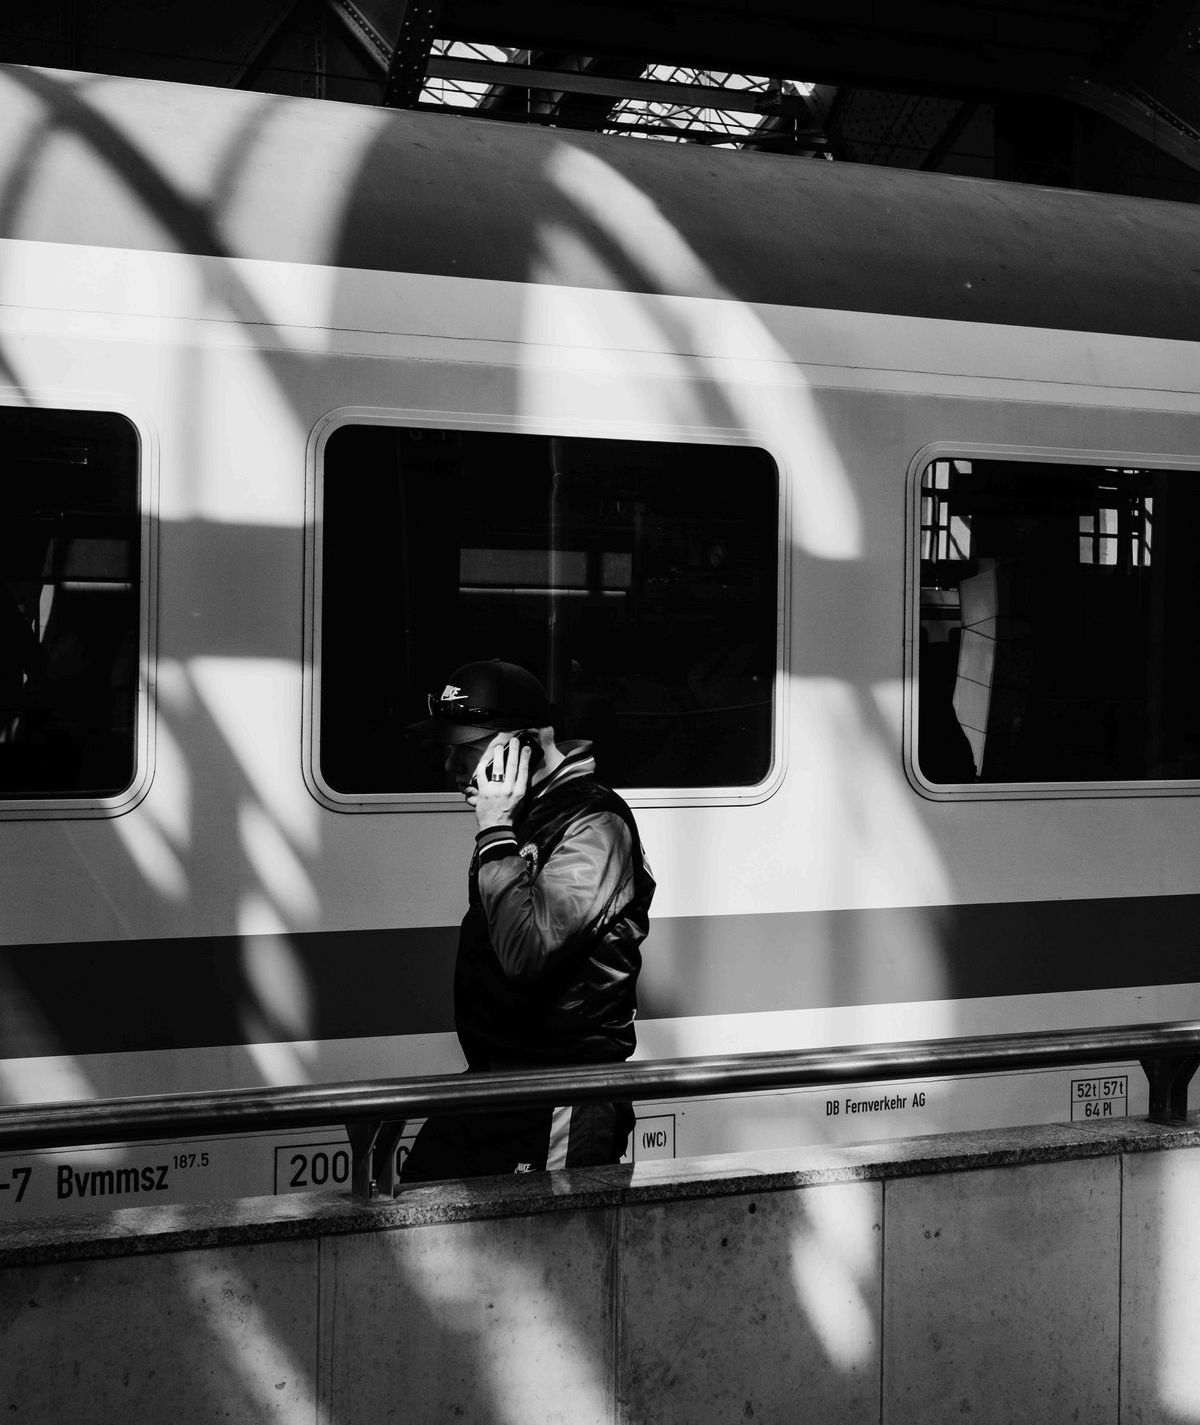 Flixtrain-Fahrkarten gelten auch bei der Deutschen Bahn